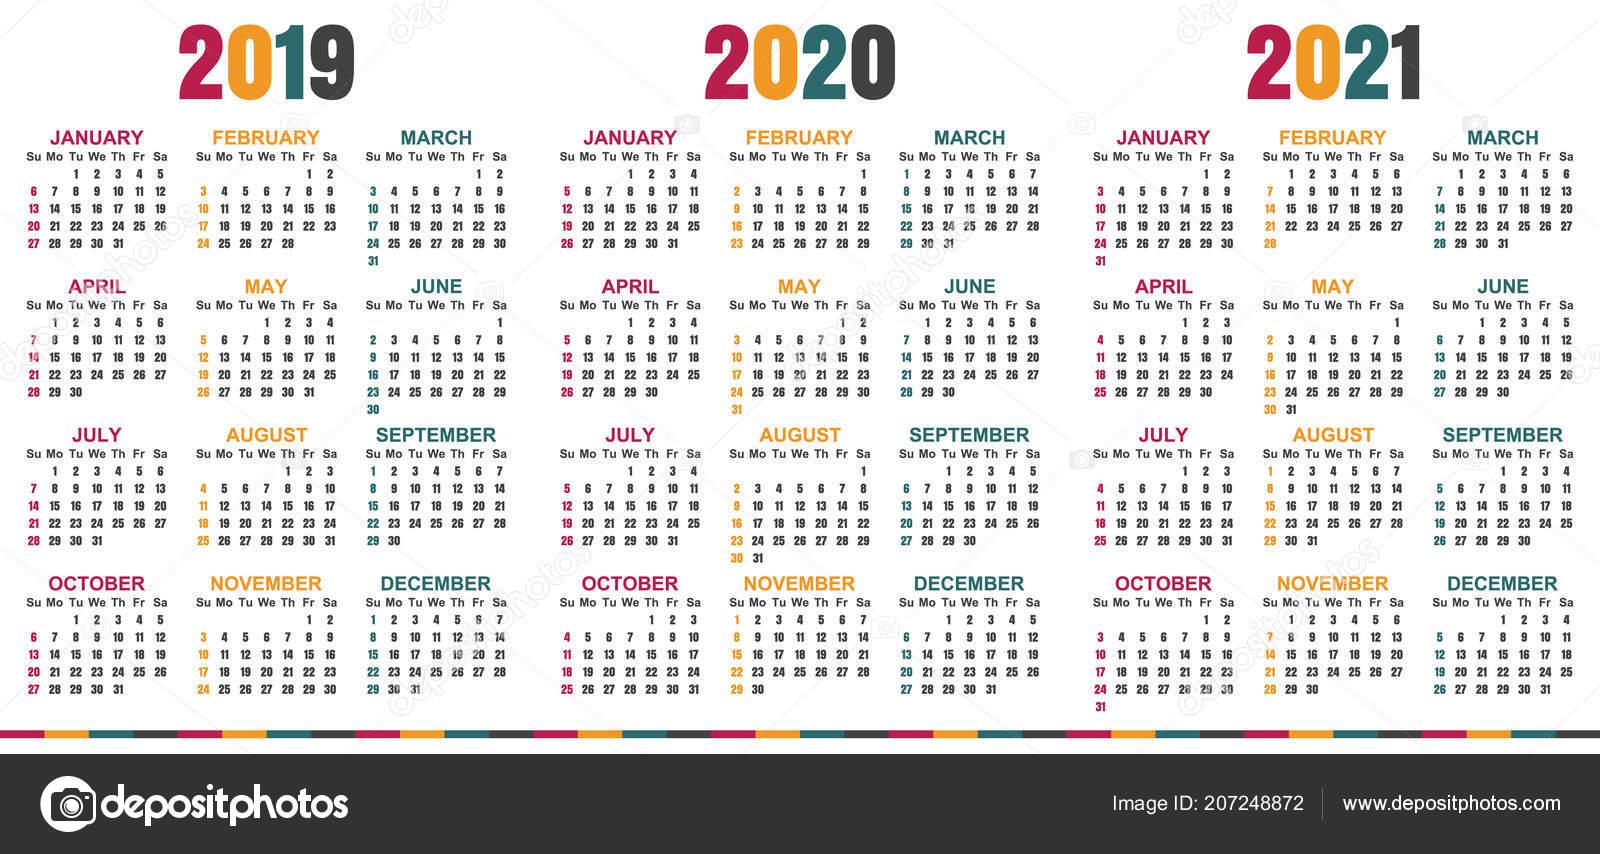 Calendario Mes De Octubre 2020 Para Imprimir.Planificacion Calendario 2019 2021 Semana Comienza Domingo